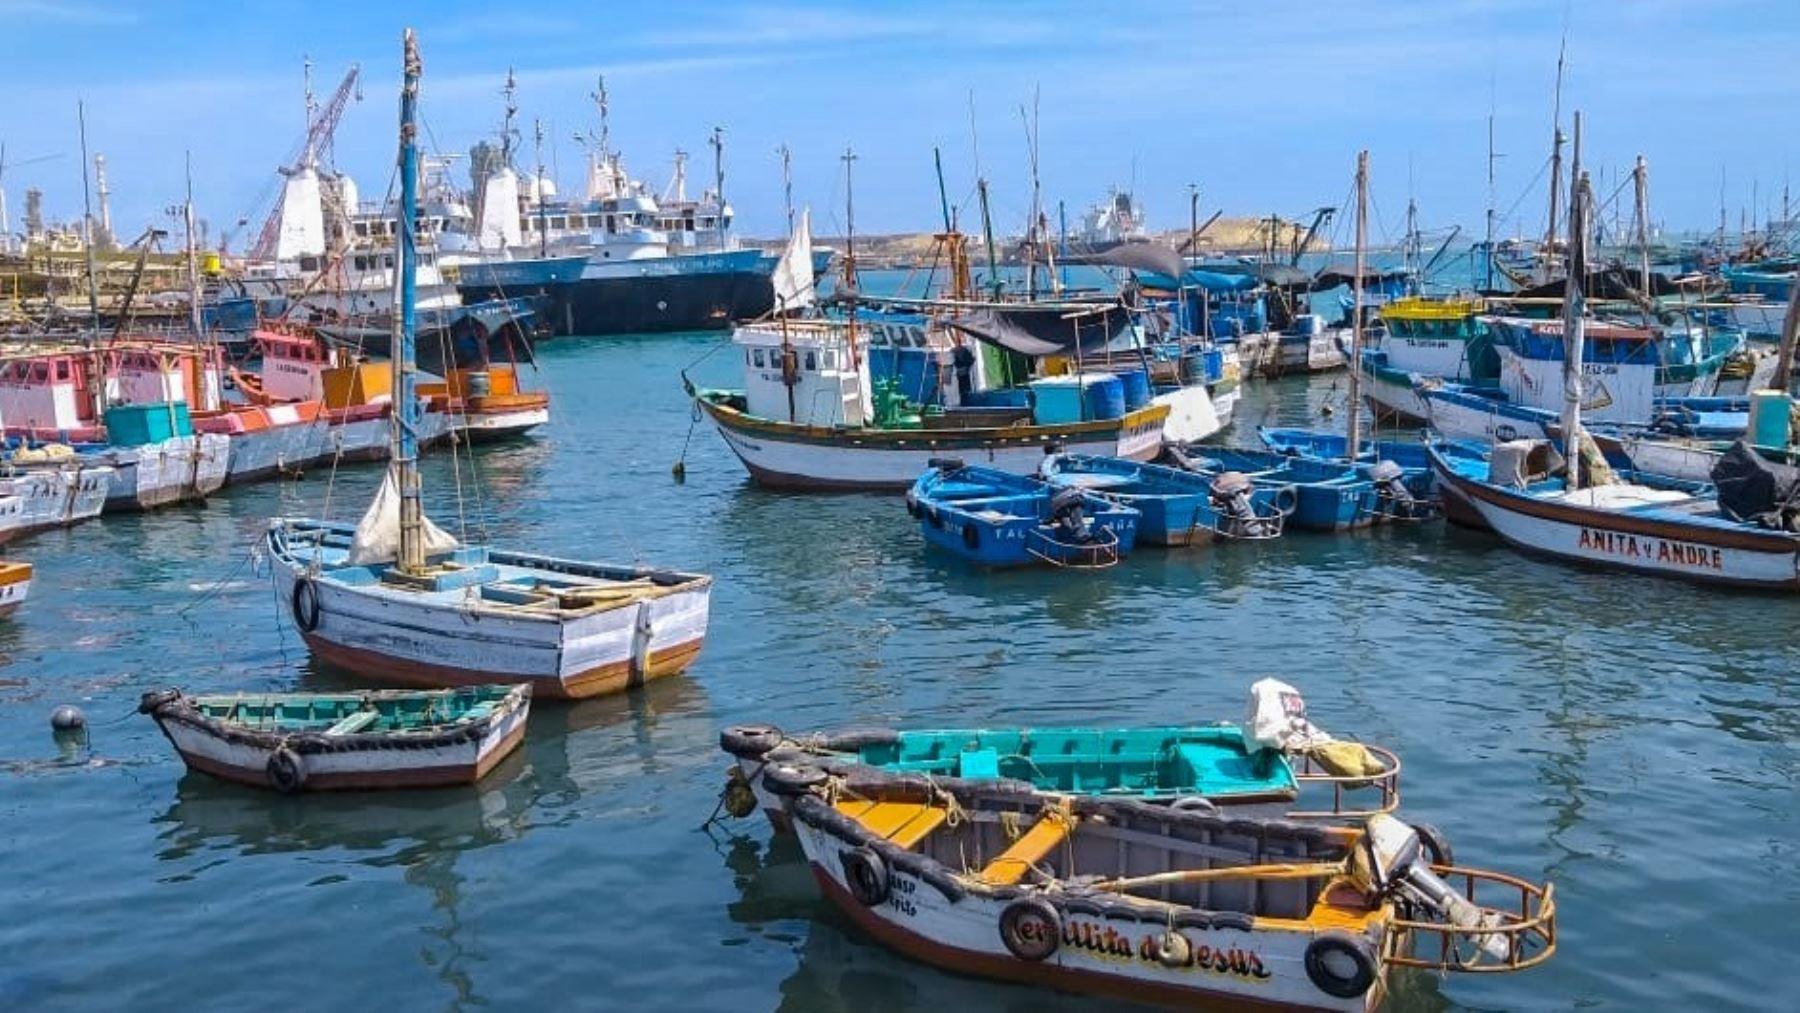 Pesca artesanal: proponen  industrializar la pota para consumo masivo en Ilo